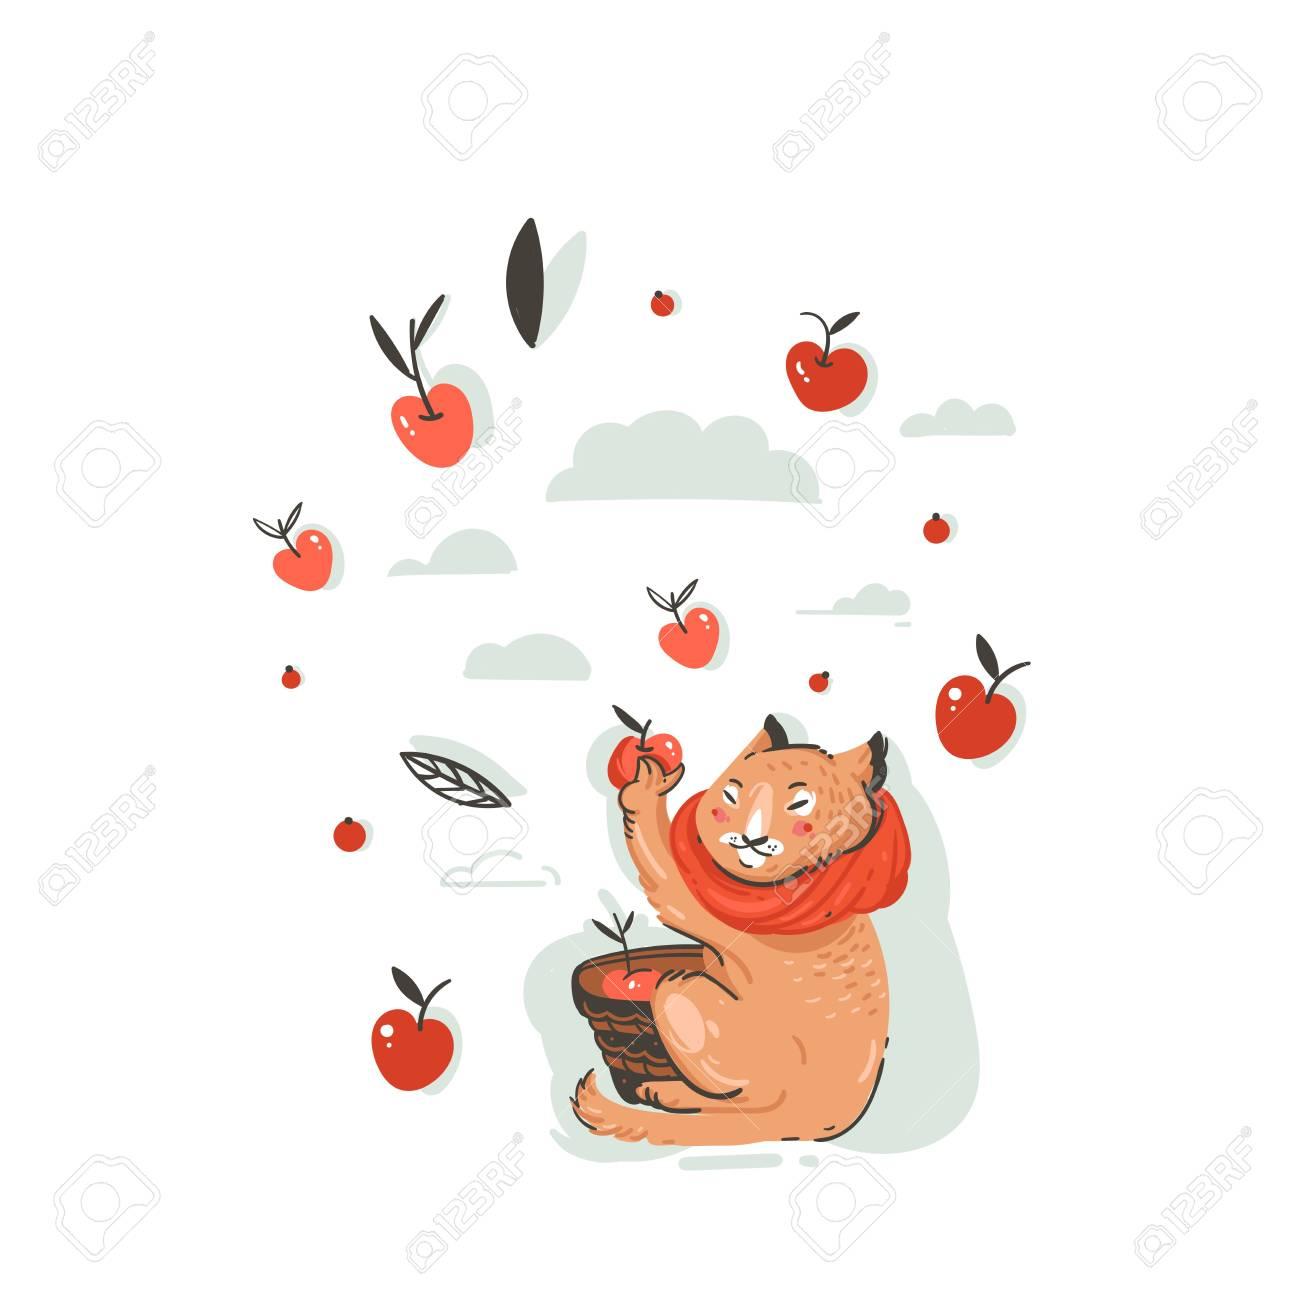 手描画ベクトル抽象的漫画秋イラストかわいい猫のキャラクターとの